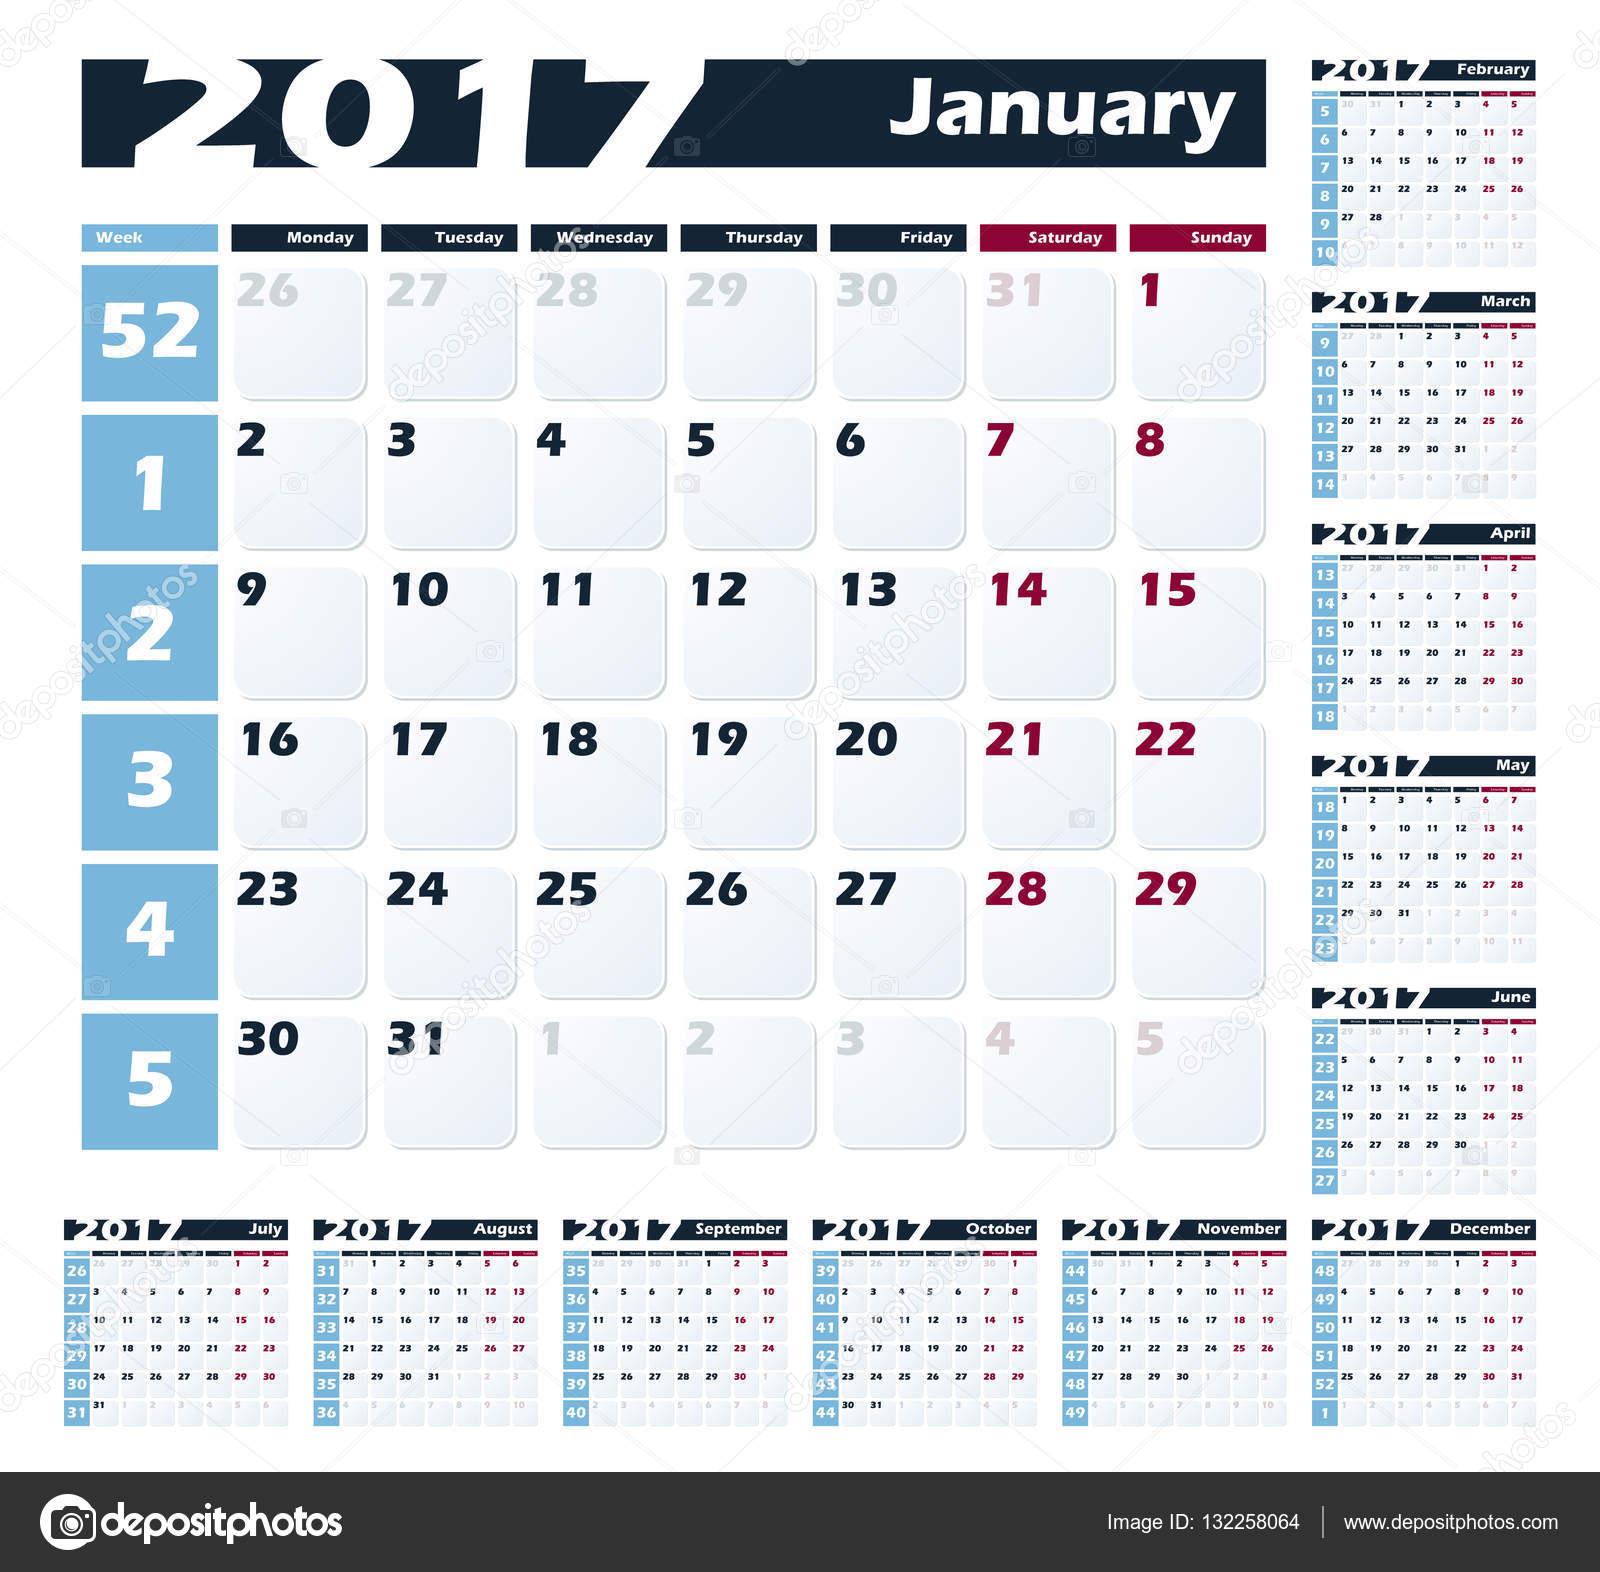 Calendario De Semanas.Imagenes Calendarios 2017 Por Semanas Plantilla De Diseno De